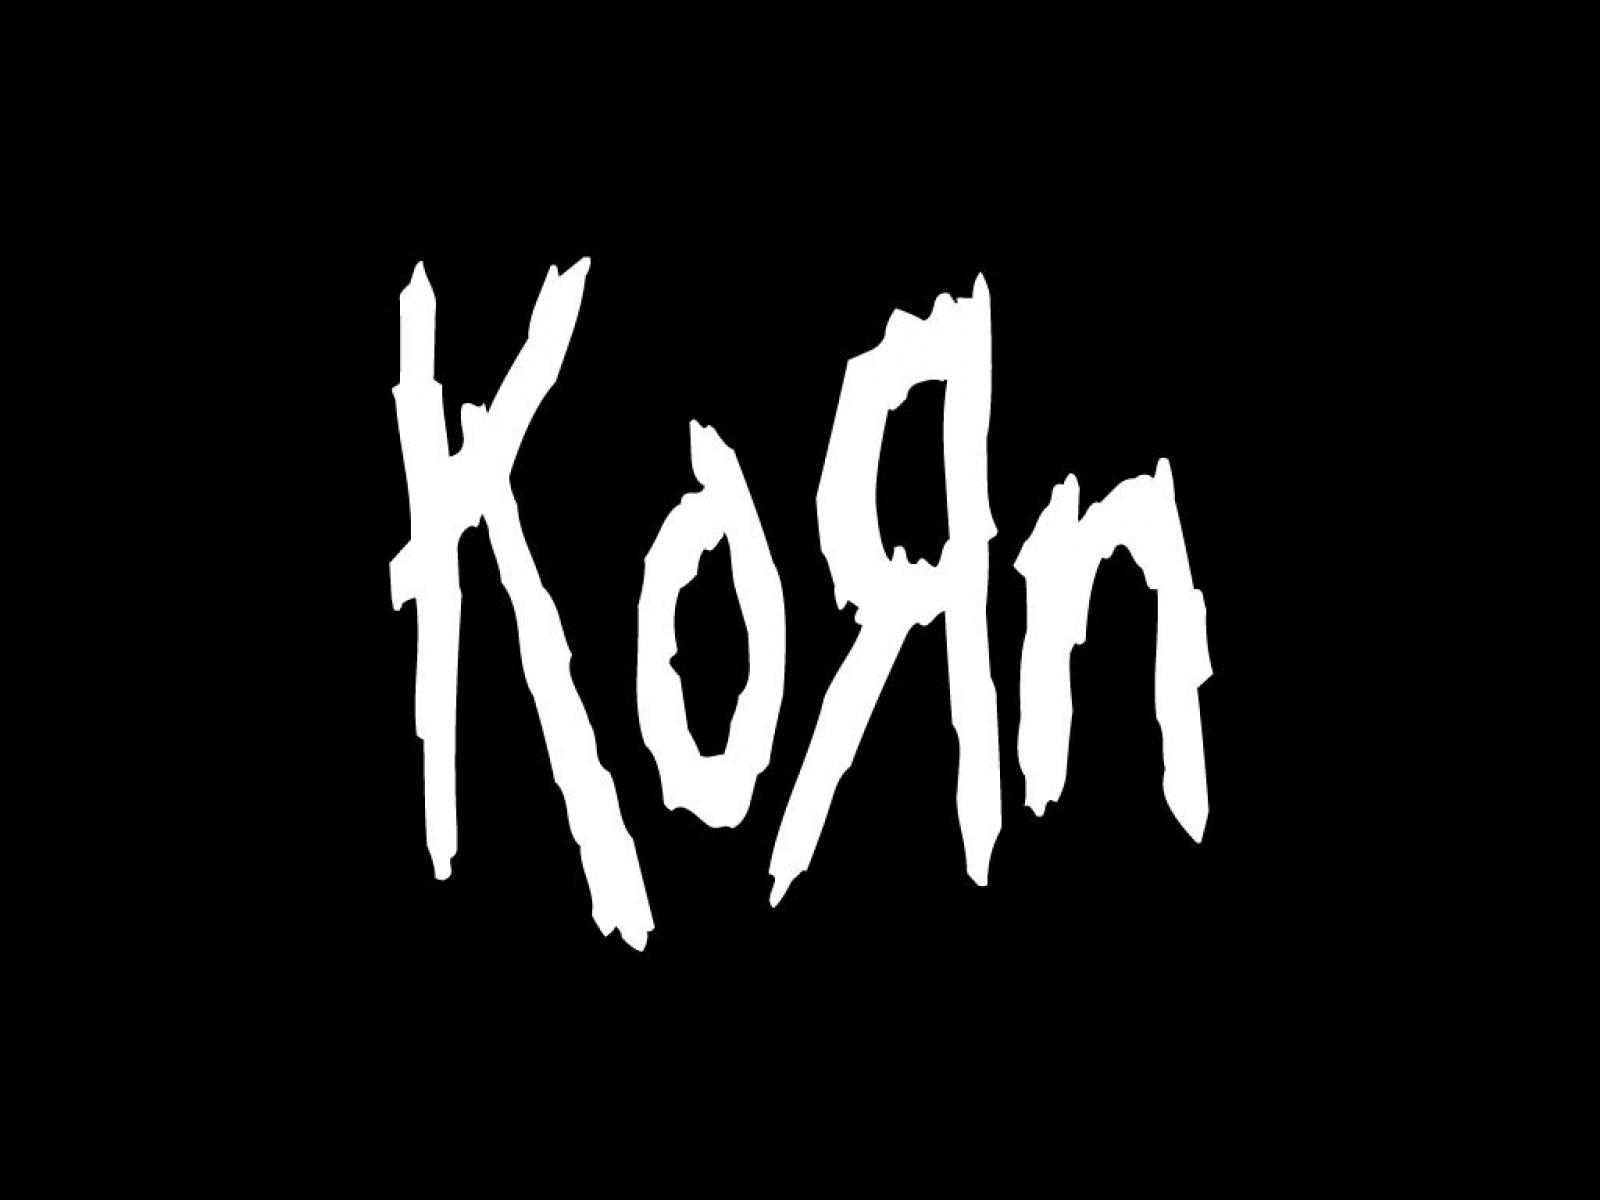 KoRn-logo-1600-1200